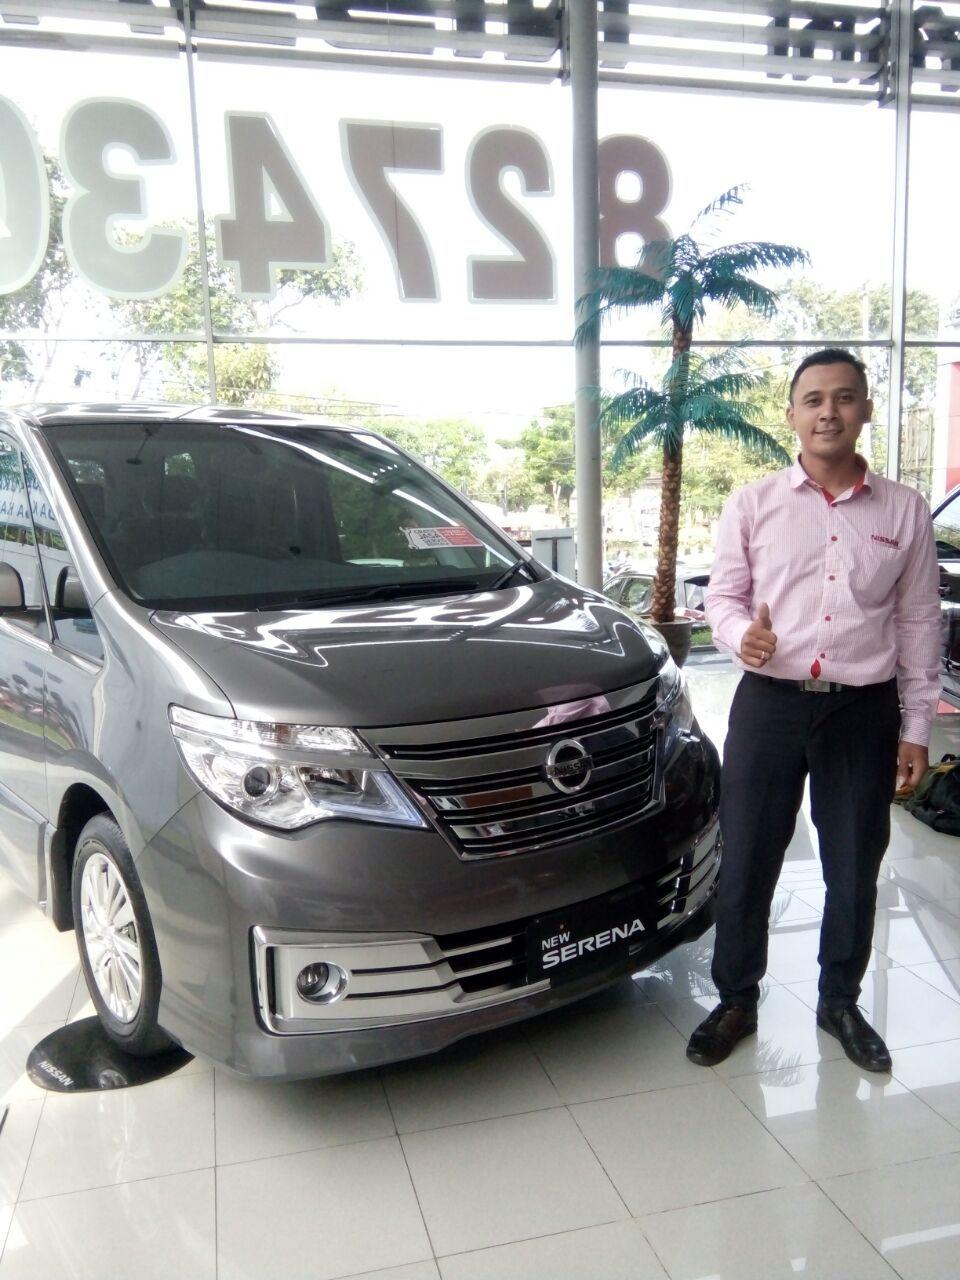 Kontak Sales Marketing Nissan Tuban Masa Tayang Sudah Habis Tersedia Untuk Marketing Mobil Debi Andrian Sales Executive Pt Wahana Wira Nissan Mobil Mobil Baru